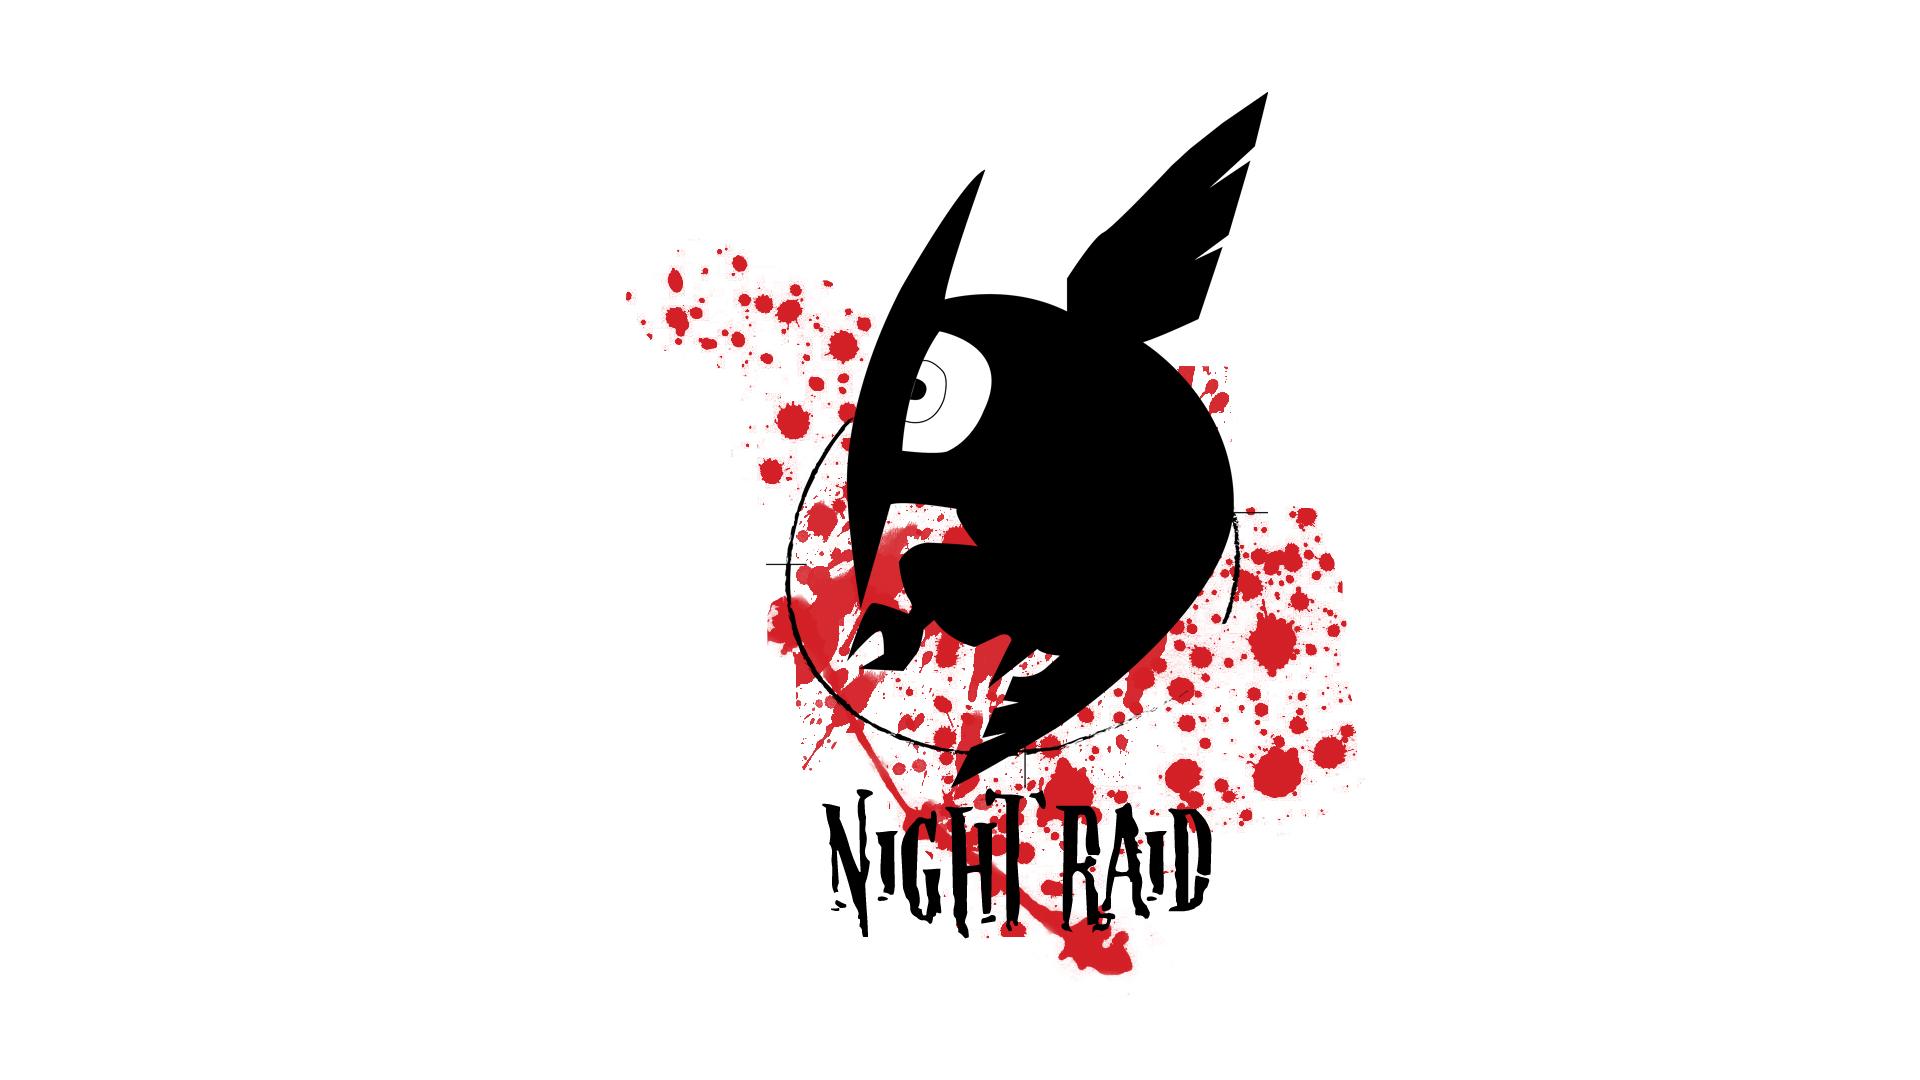 Night Raid Akame ga Kill Wallpaper HD